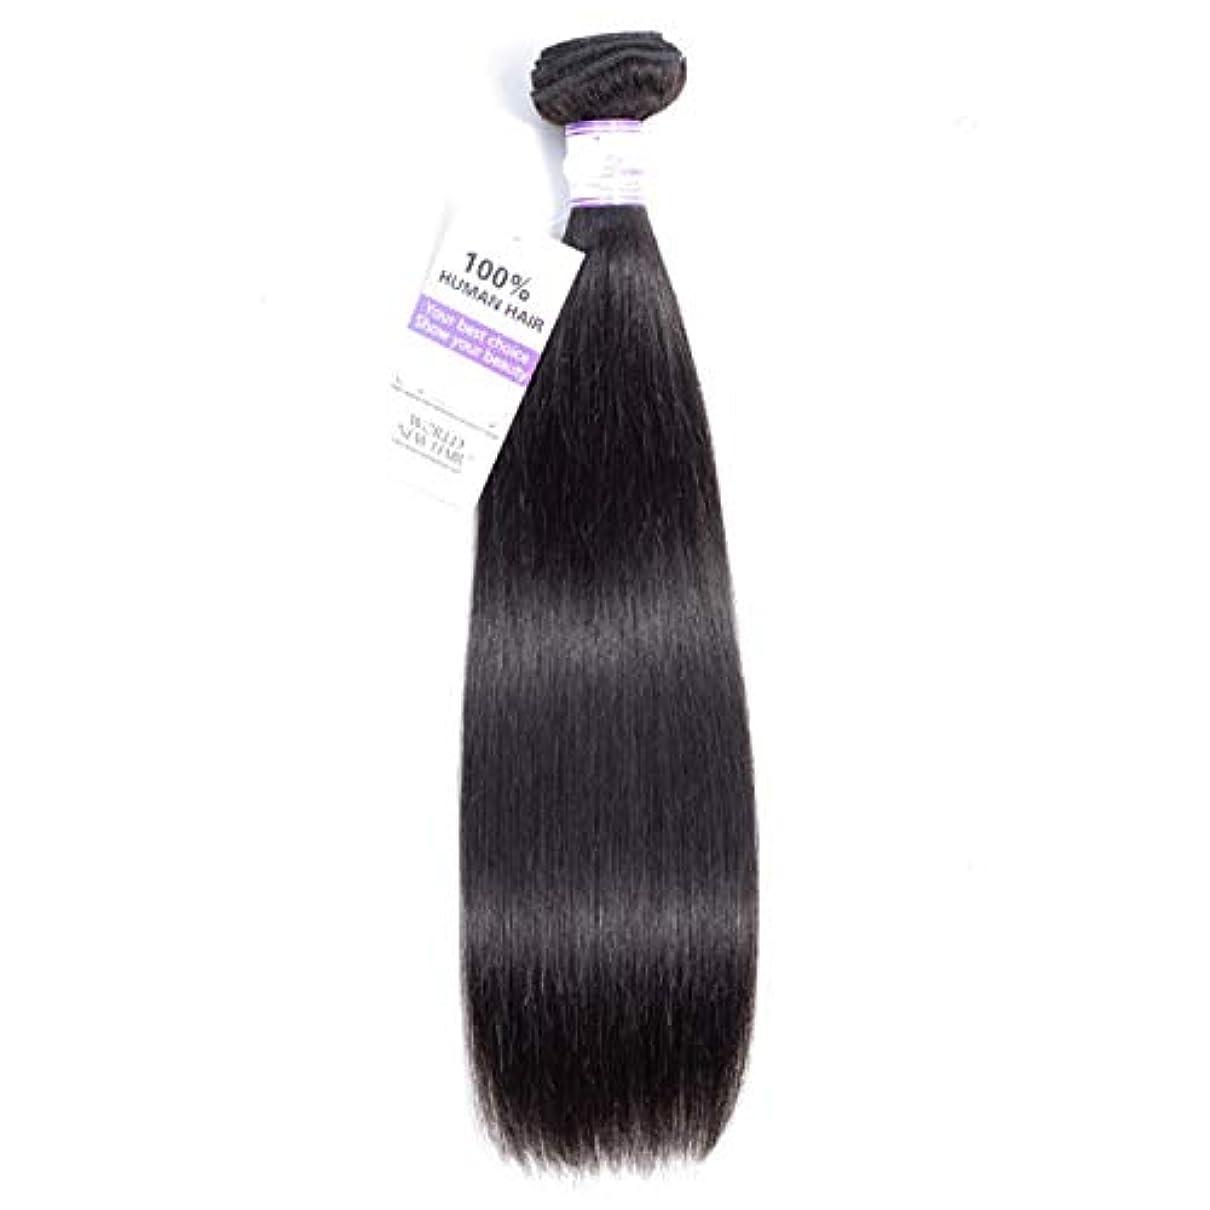 ロック解除湖学期かつら ペルーのストレートヘアバンドル8-28インチ100%人毛織り非レミーヘアナチュラルカラー1個 (Stretched Length : 28inches)